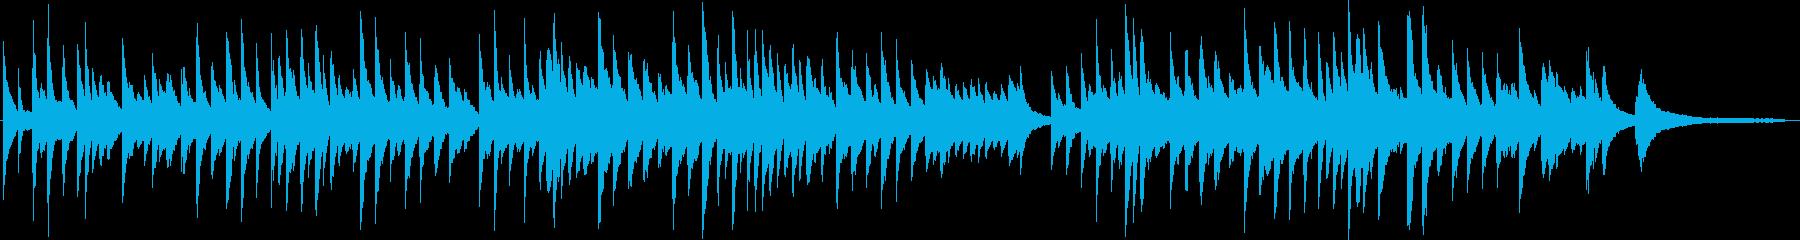 優しさ 温かさ ピアノソロの再生済みの波形